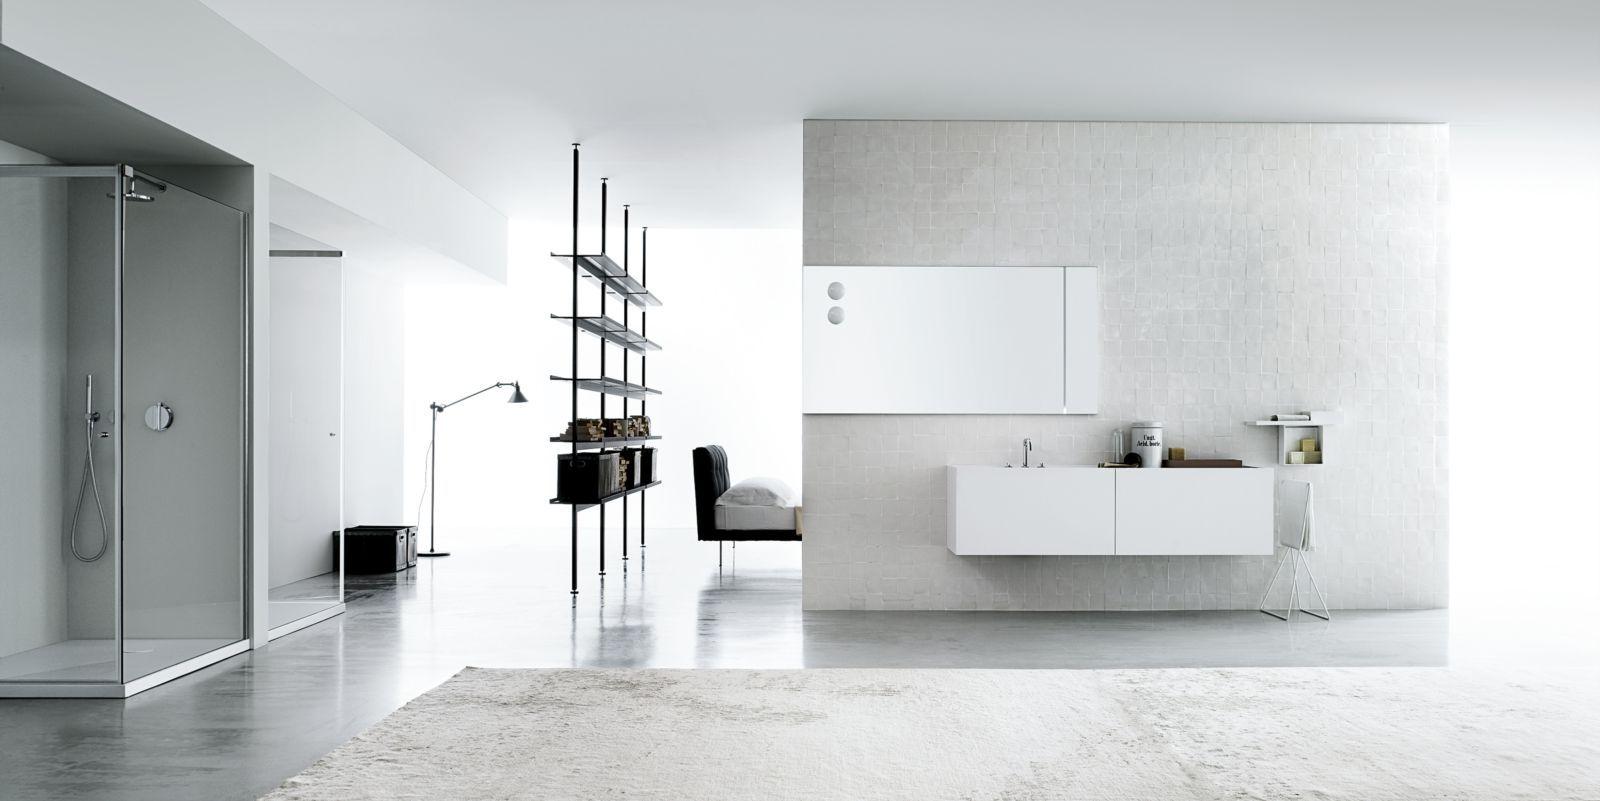 Bagni   Collezioni   Boffi cucine - bagni - sistemi   Home ...